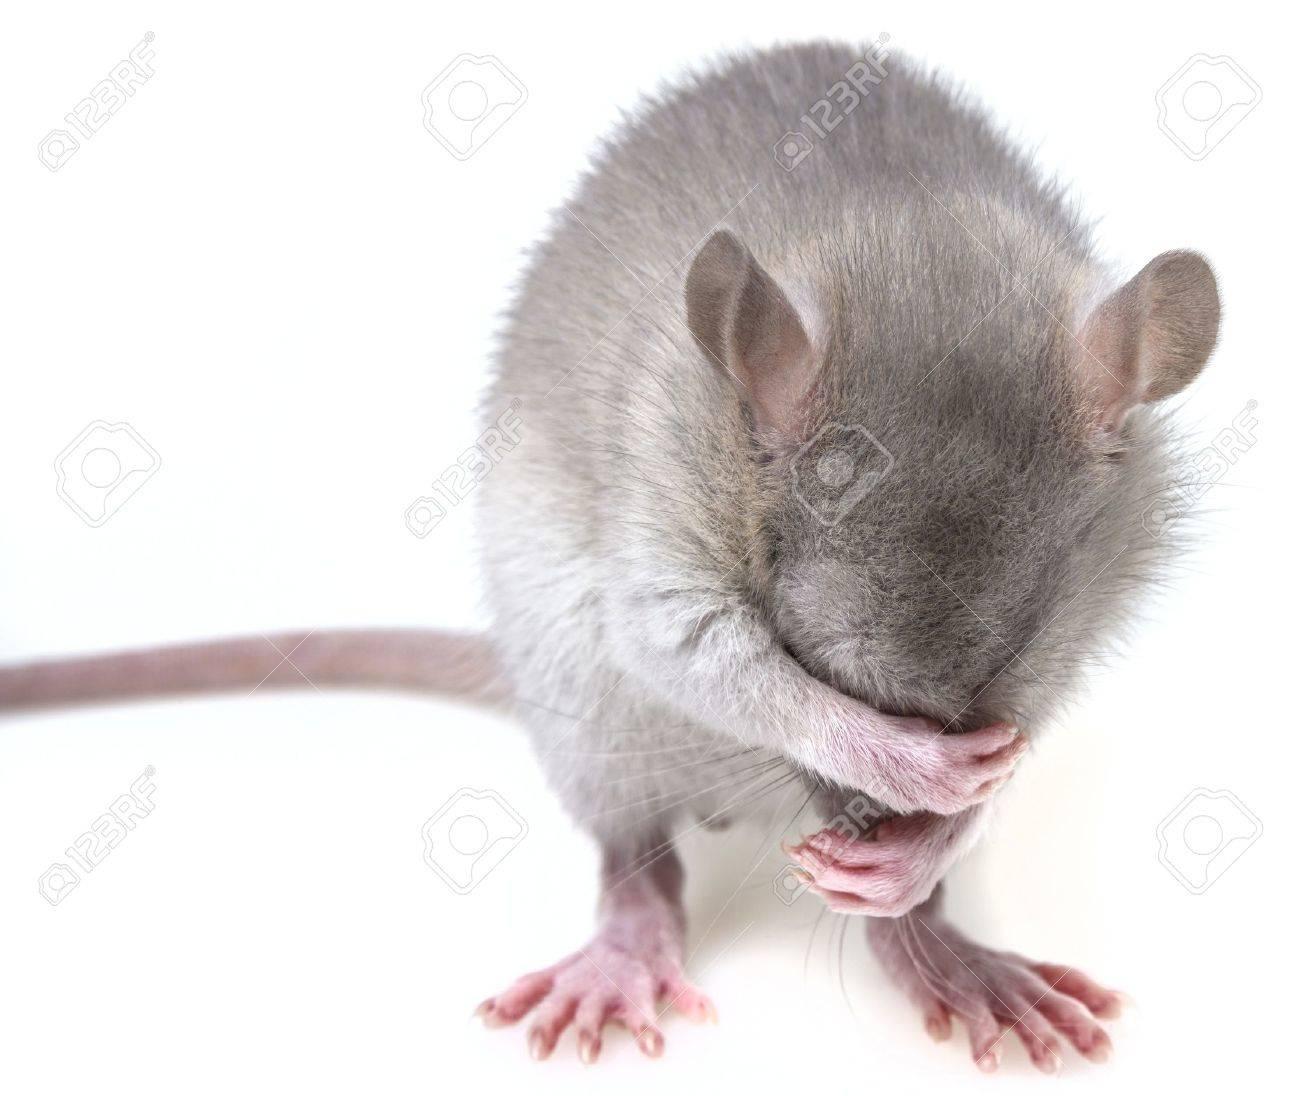 a little mouse hiding her muzzle - 19160288